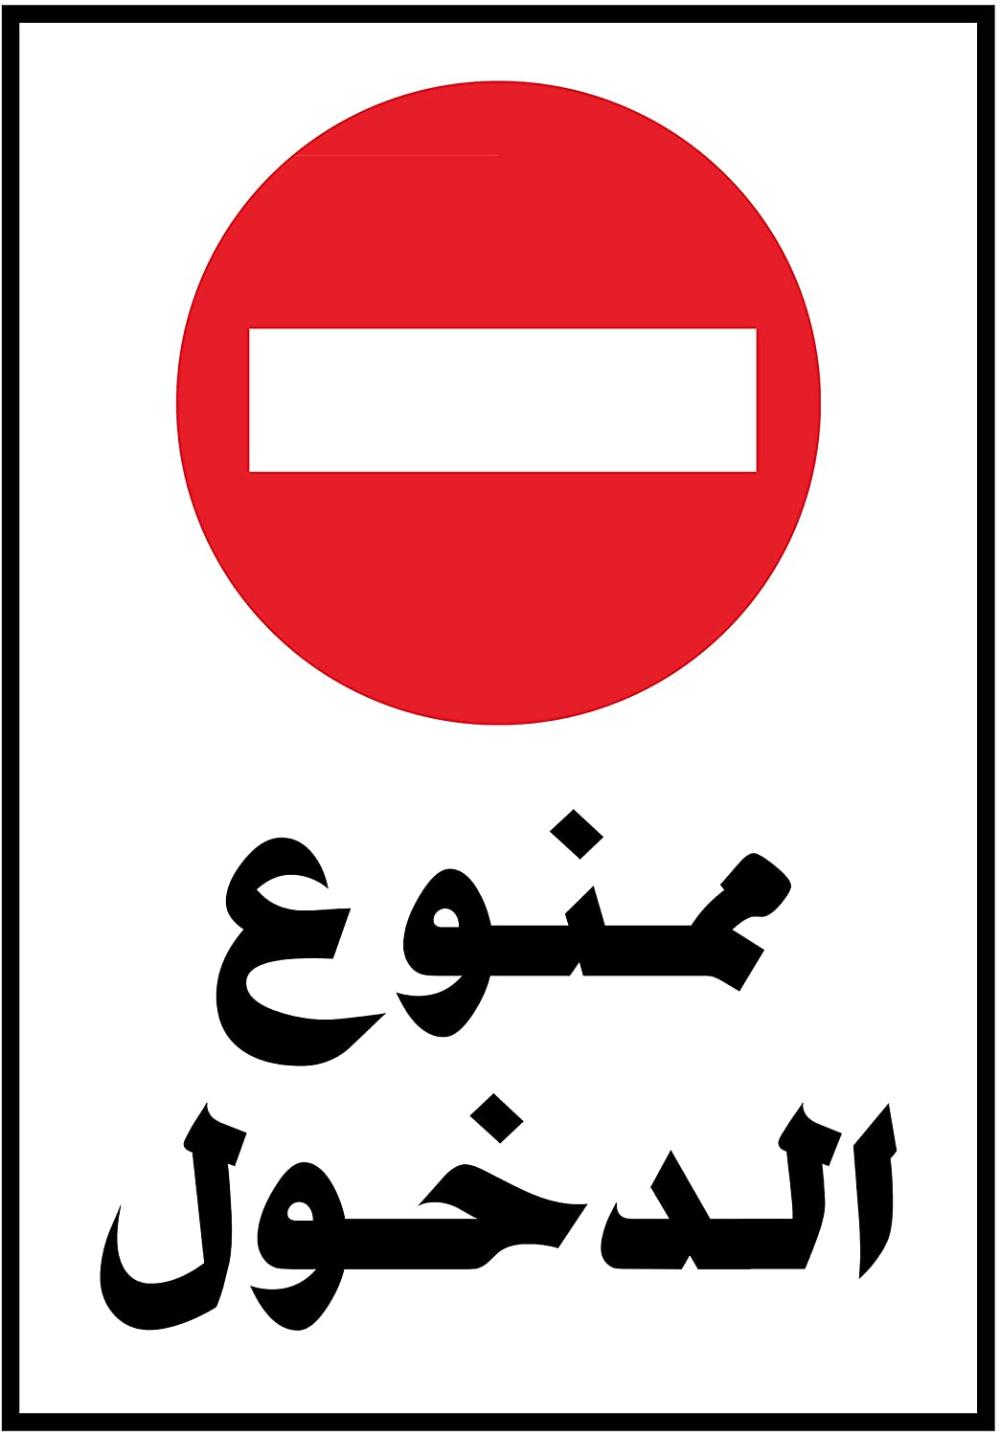 ملصق ممنوع الدخول Amazon Ae Arabic Calligraphy Character